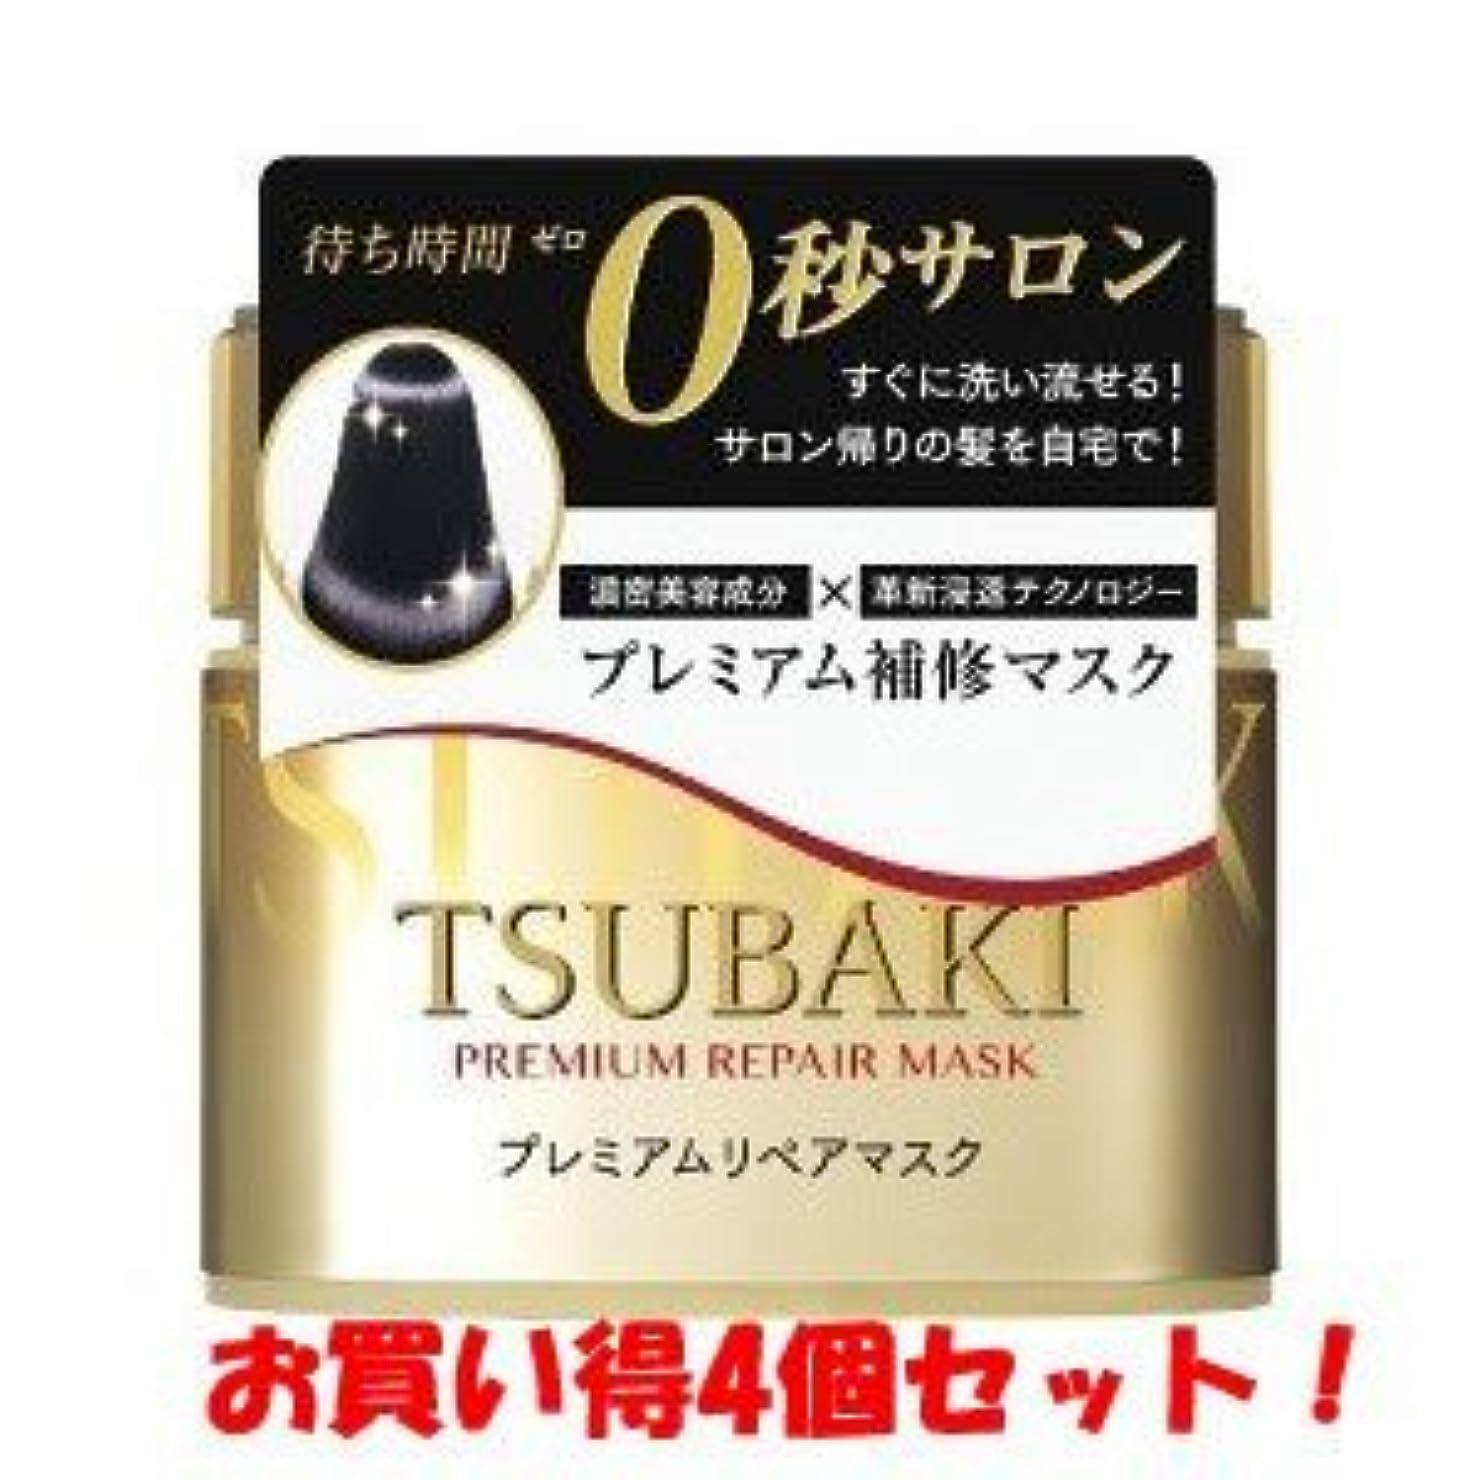 可動一元化する確執(2017年の新商品)(資生堂)ツバキ(TSUBAKI) プレミアムリペアマスク 180g(お買い得4個セット)